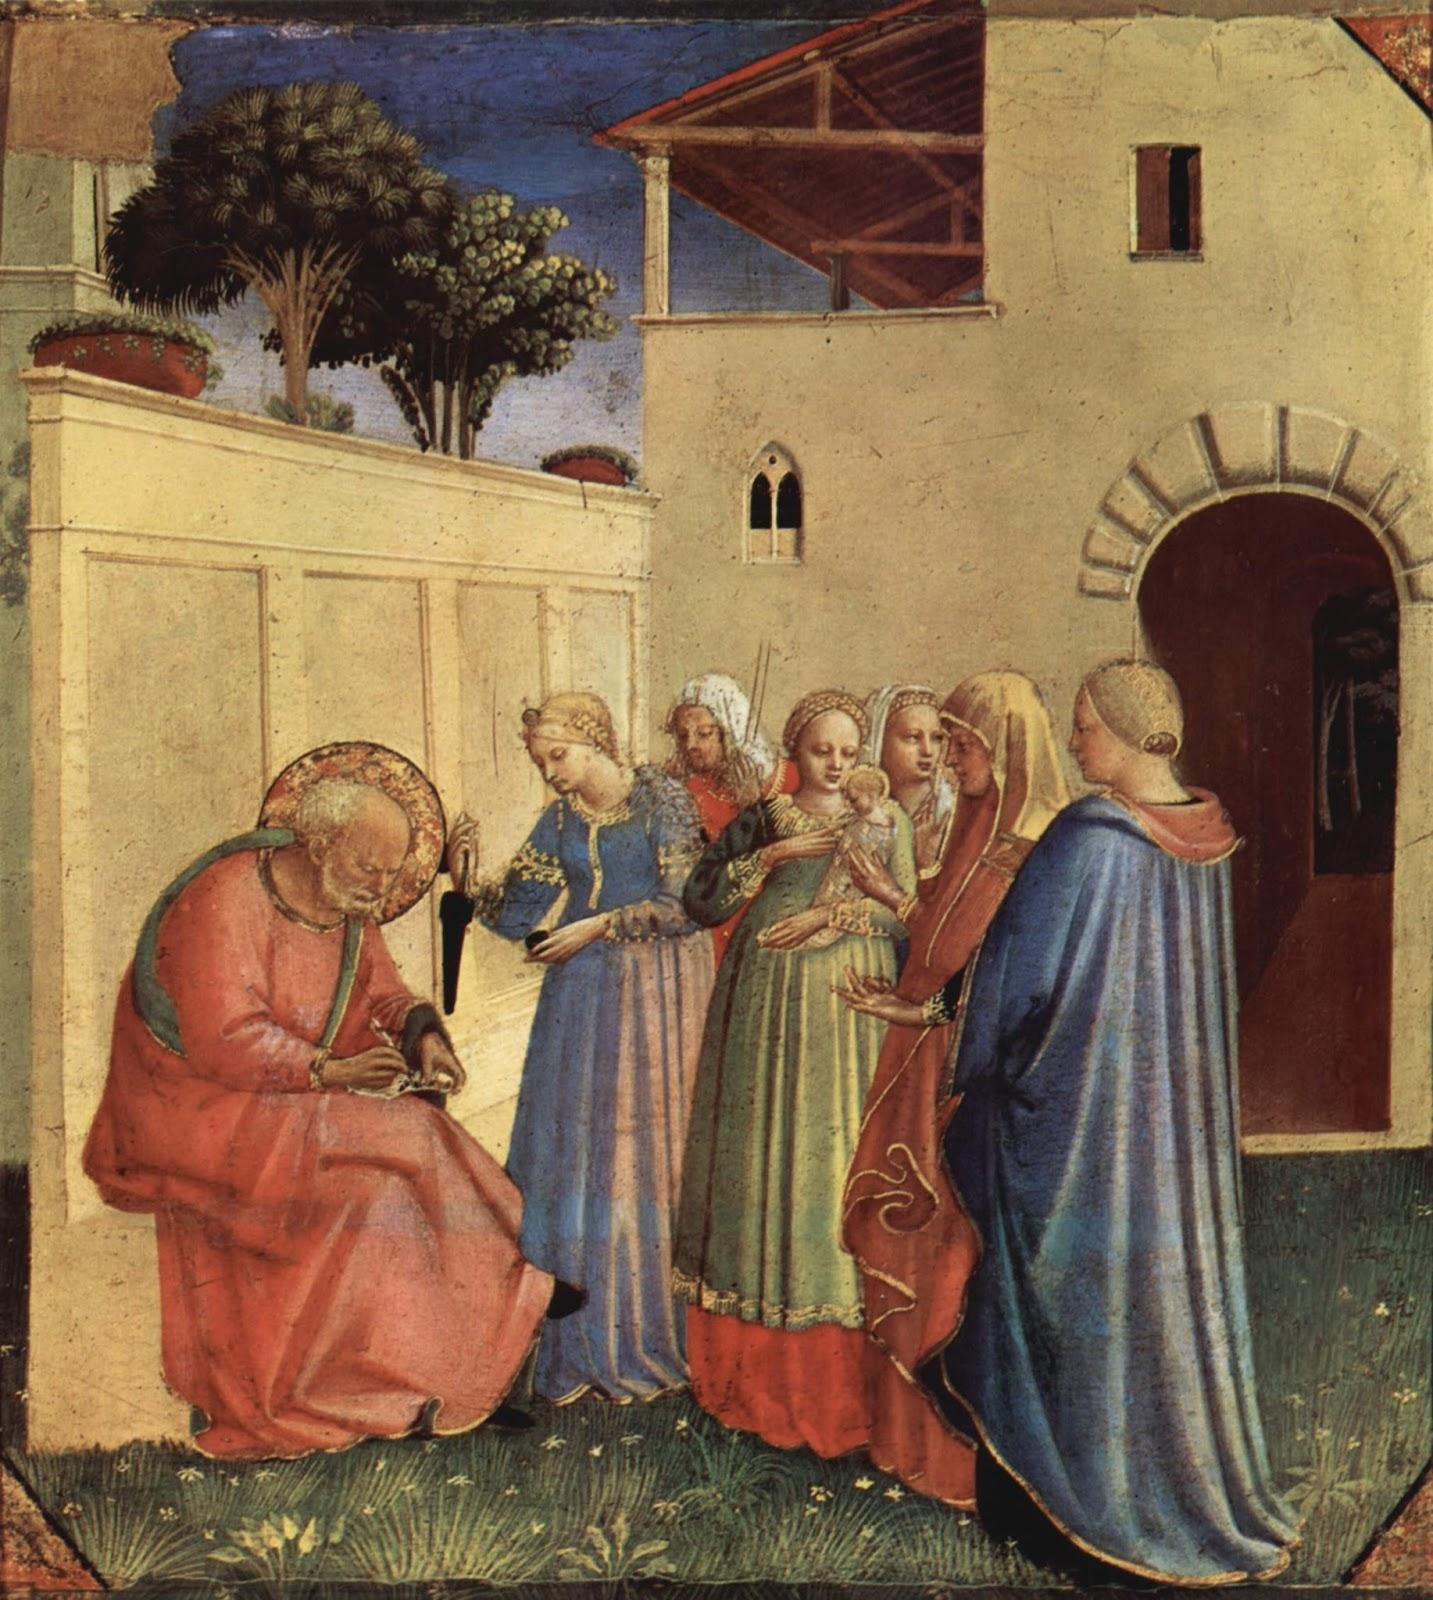 El Evangelio Comentado: Nacimiento de Juan Bautista (Lc 1, 57-66)